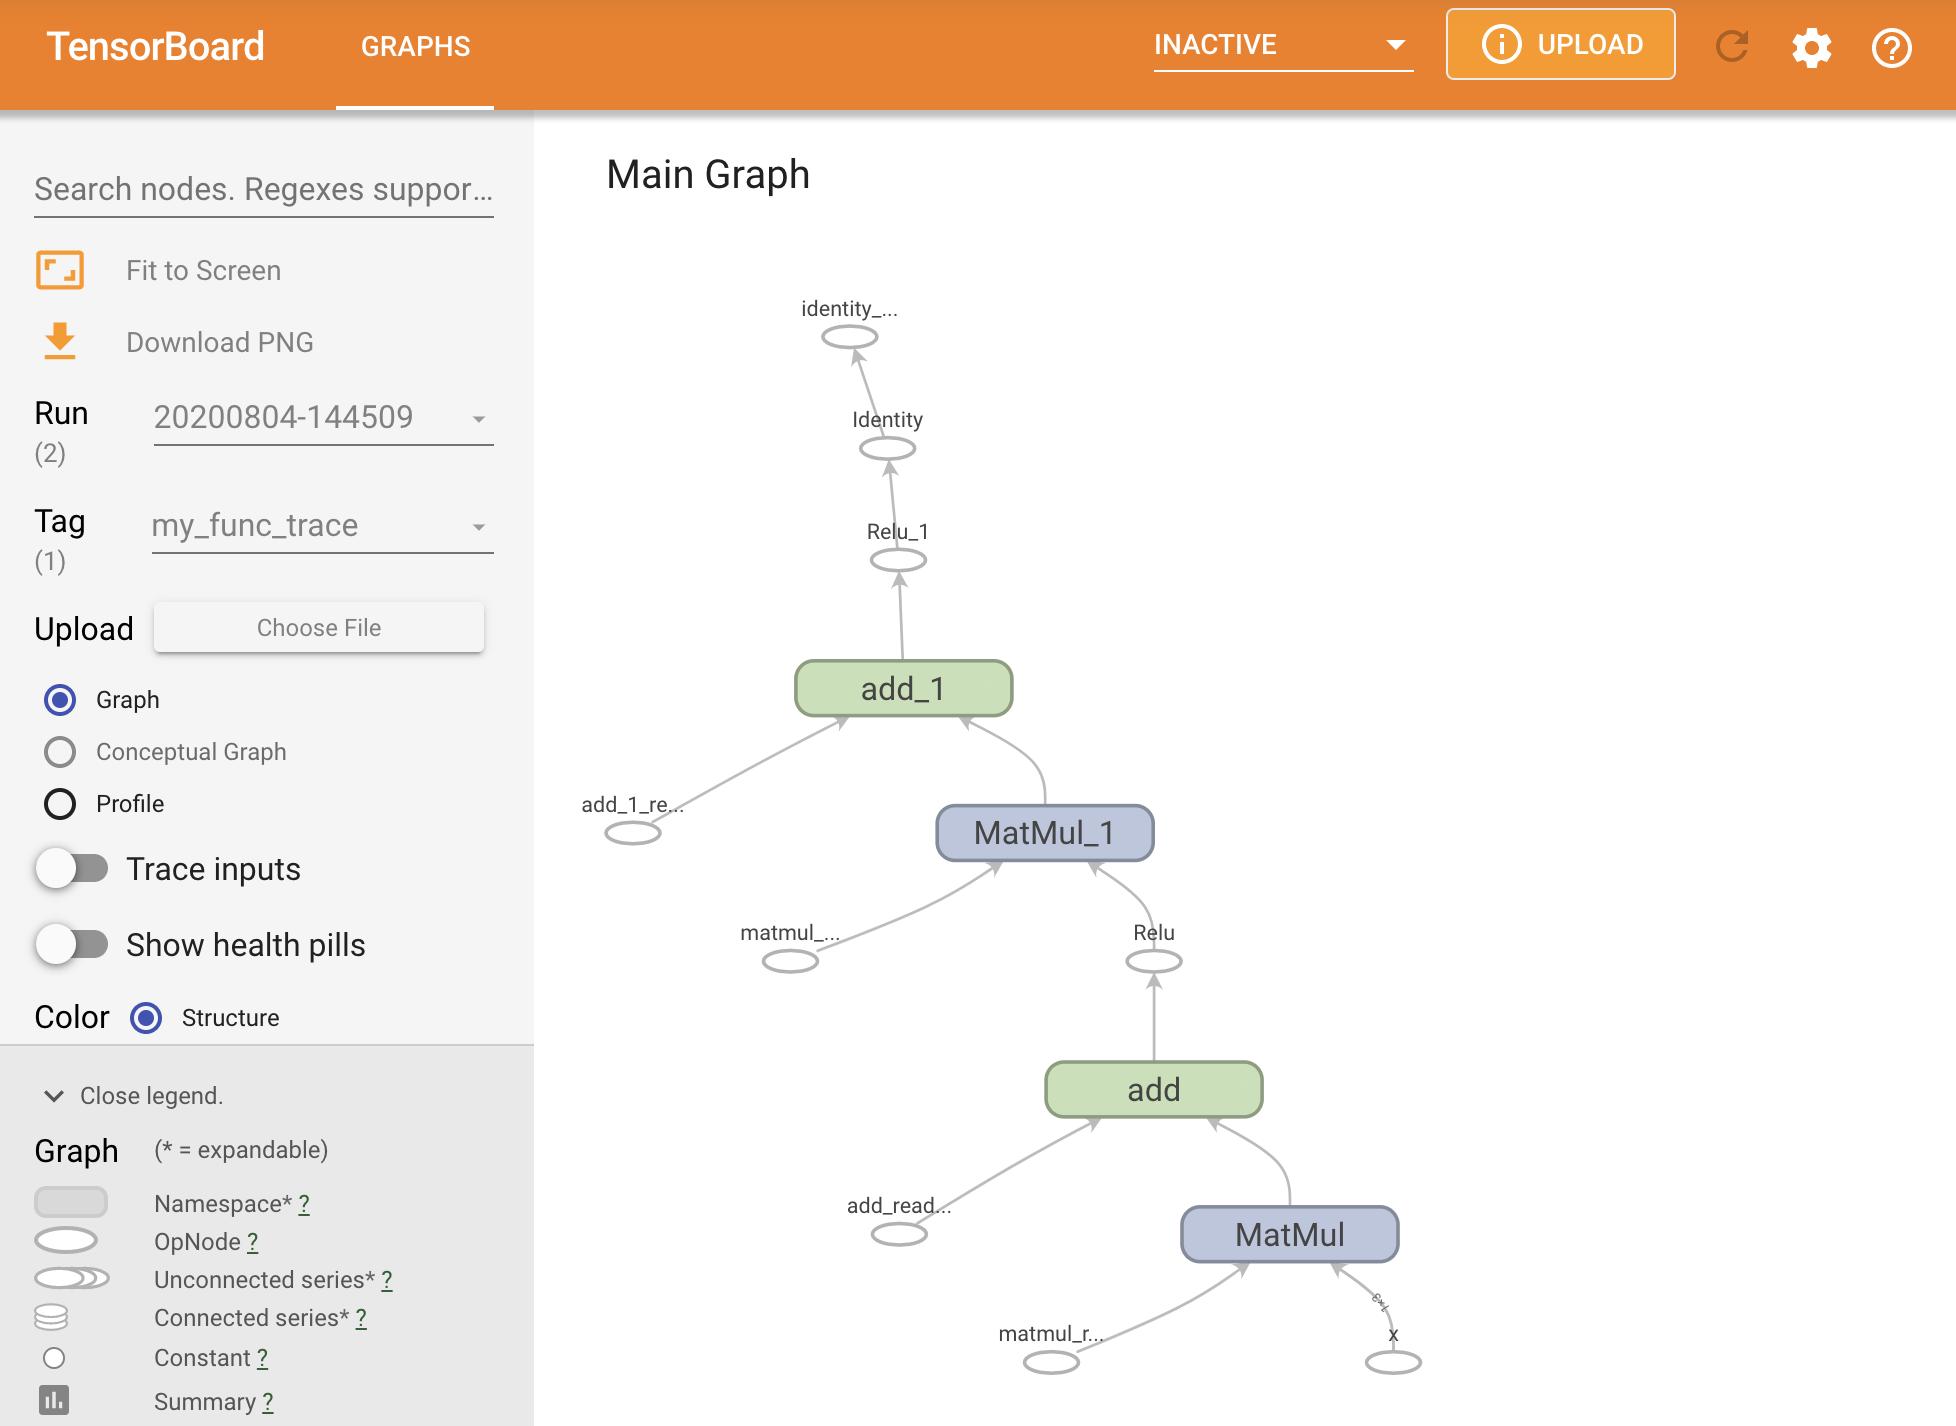 Uma captura de tela do gráfico no TensorBoard